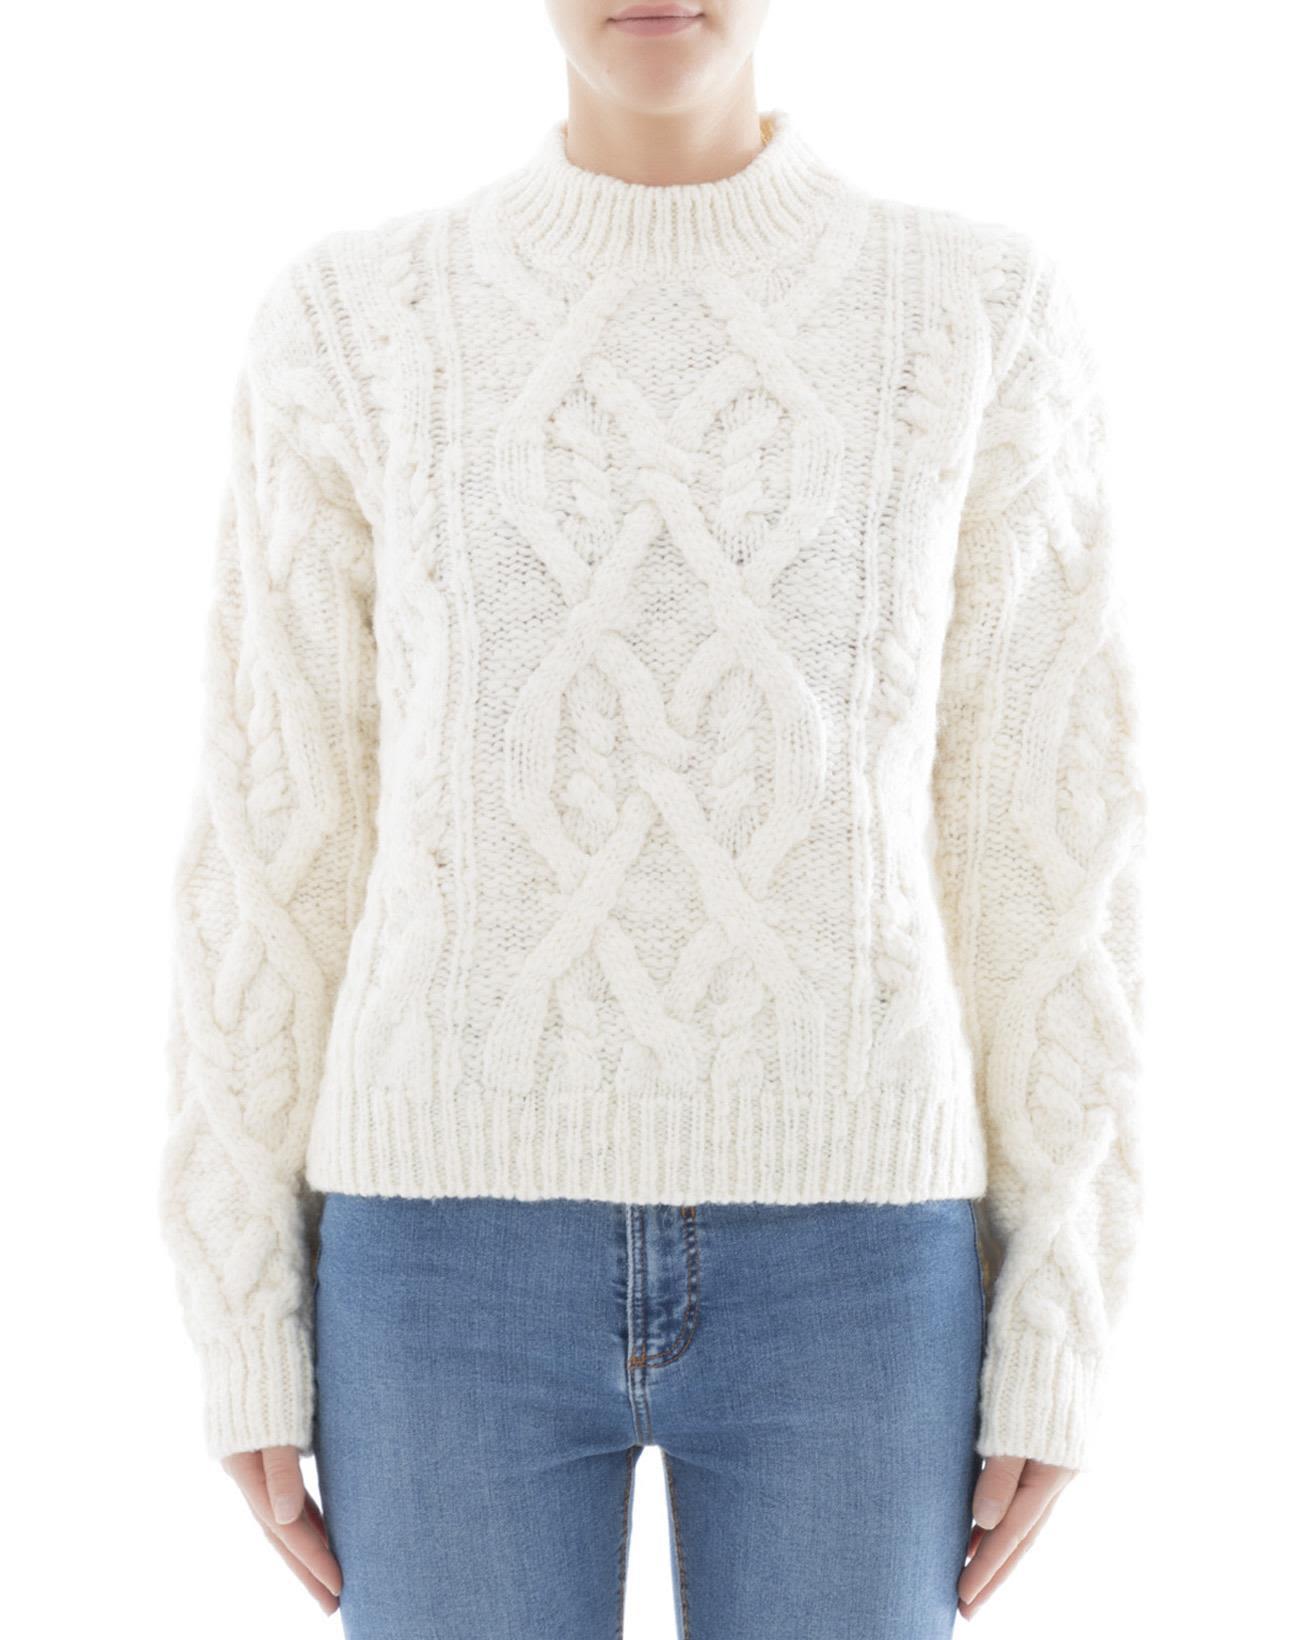 White Wool Knitwear